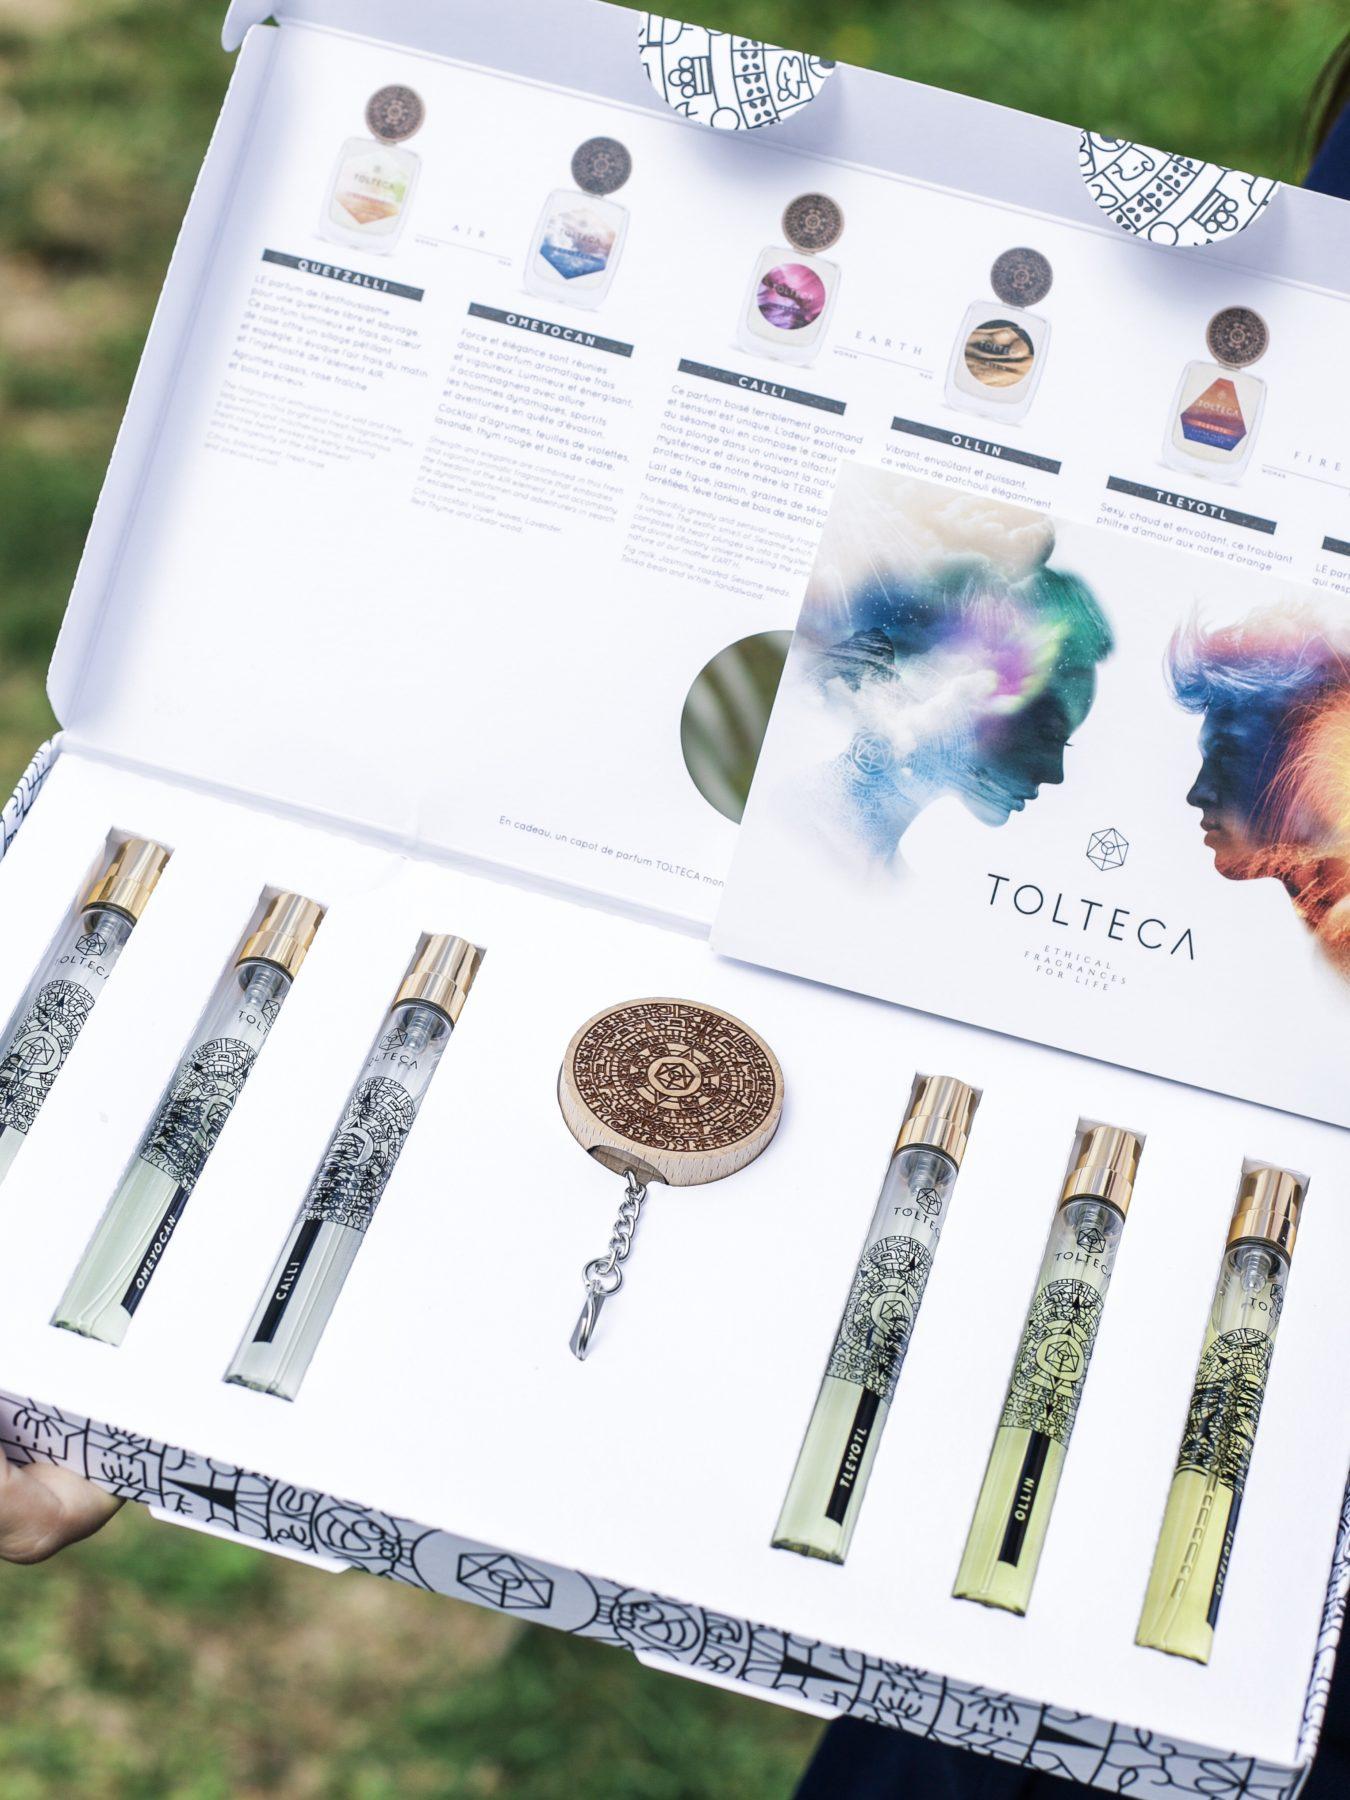 Tolteca parfums naturels bio et vegans